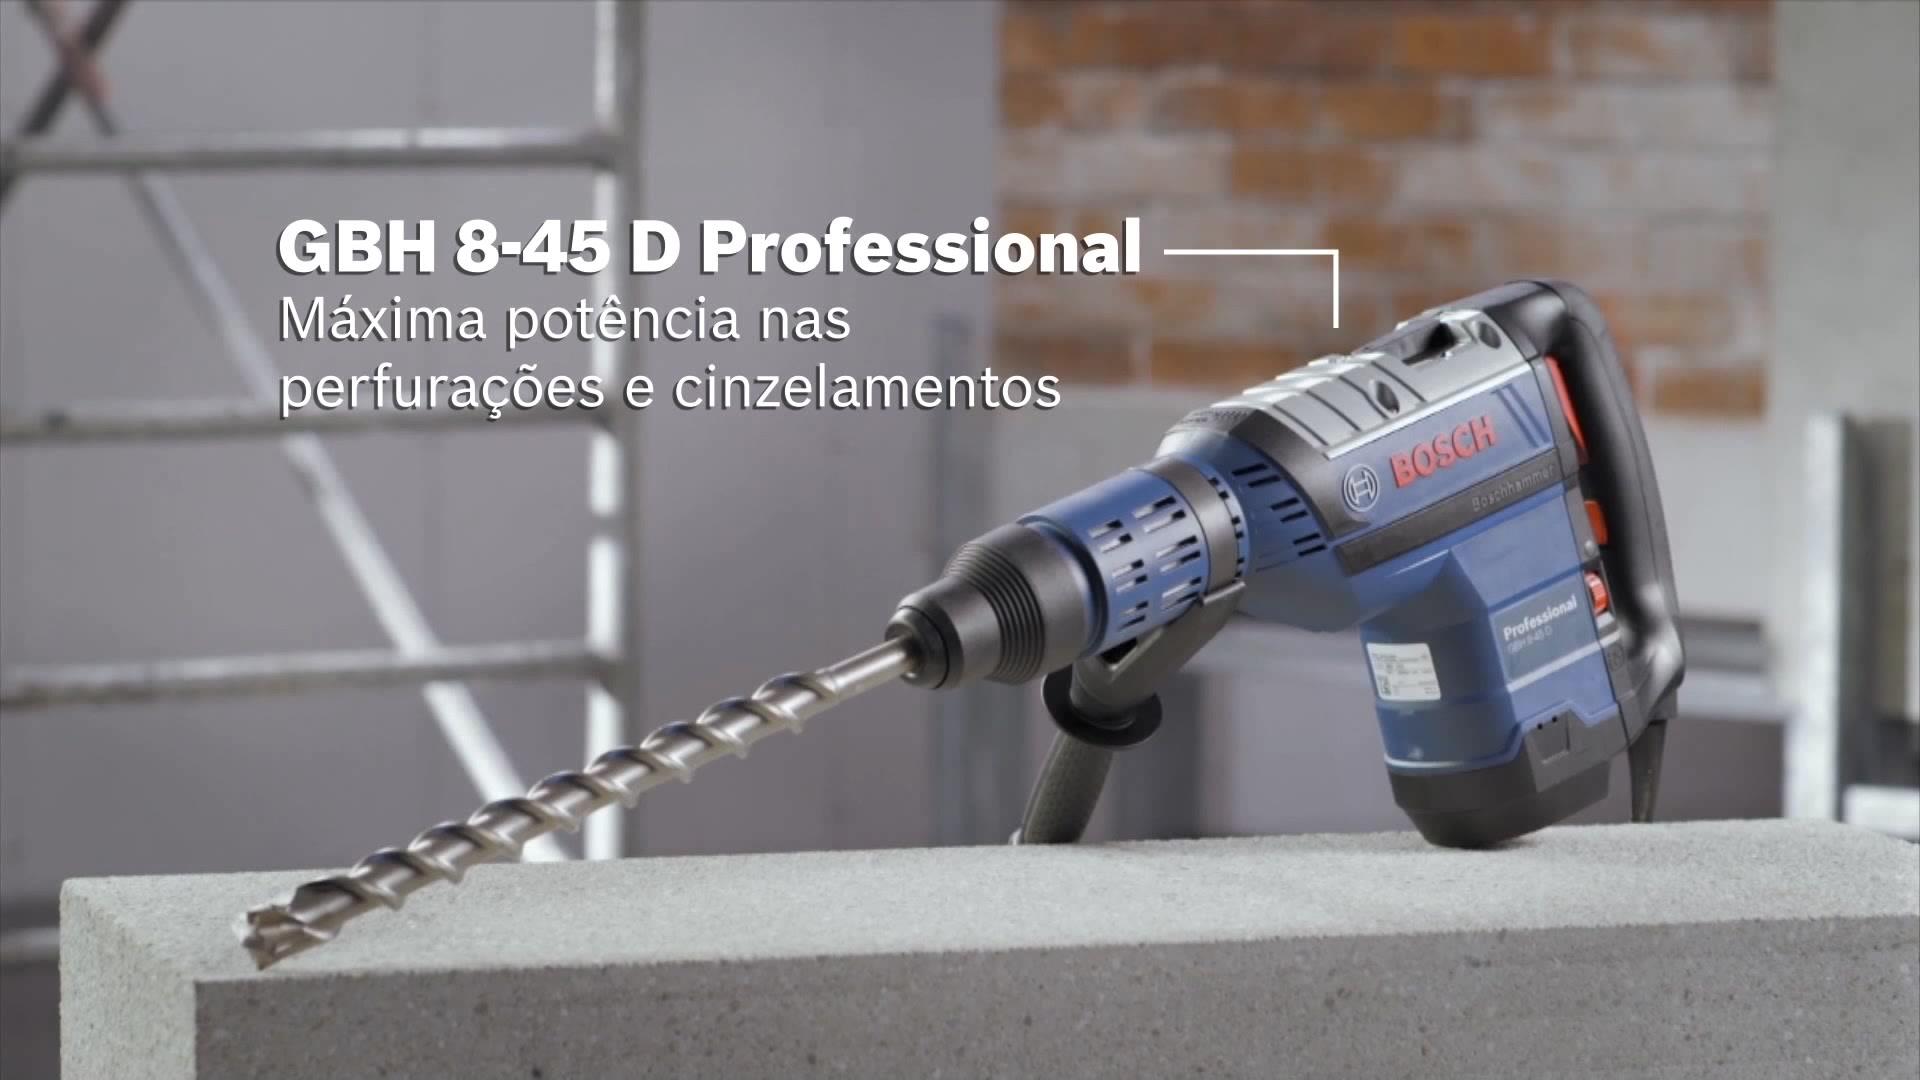 GBH 8-45 D Martelo perfurador com SDS max | Bosch Professional